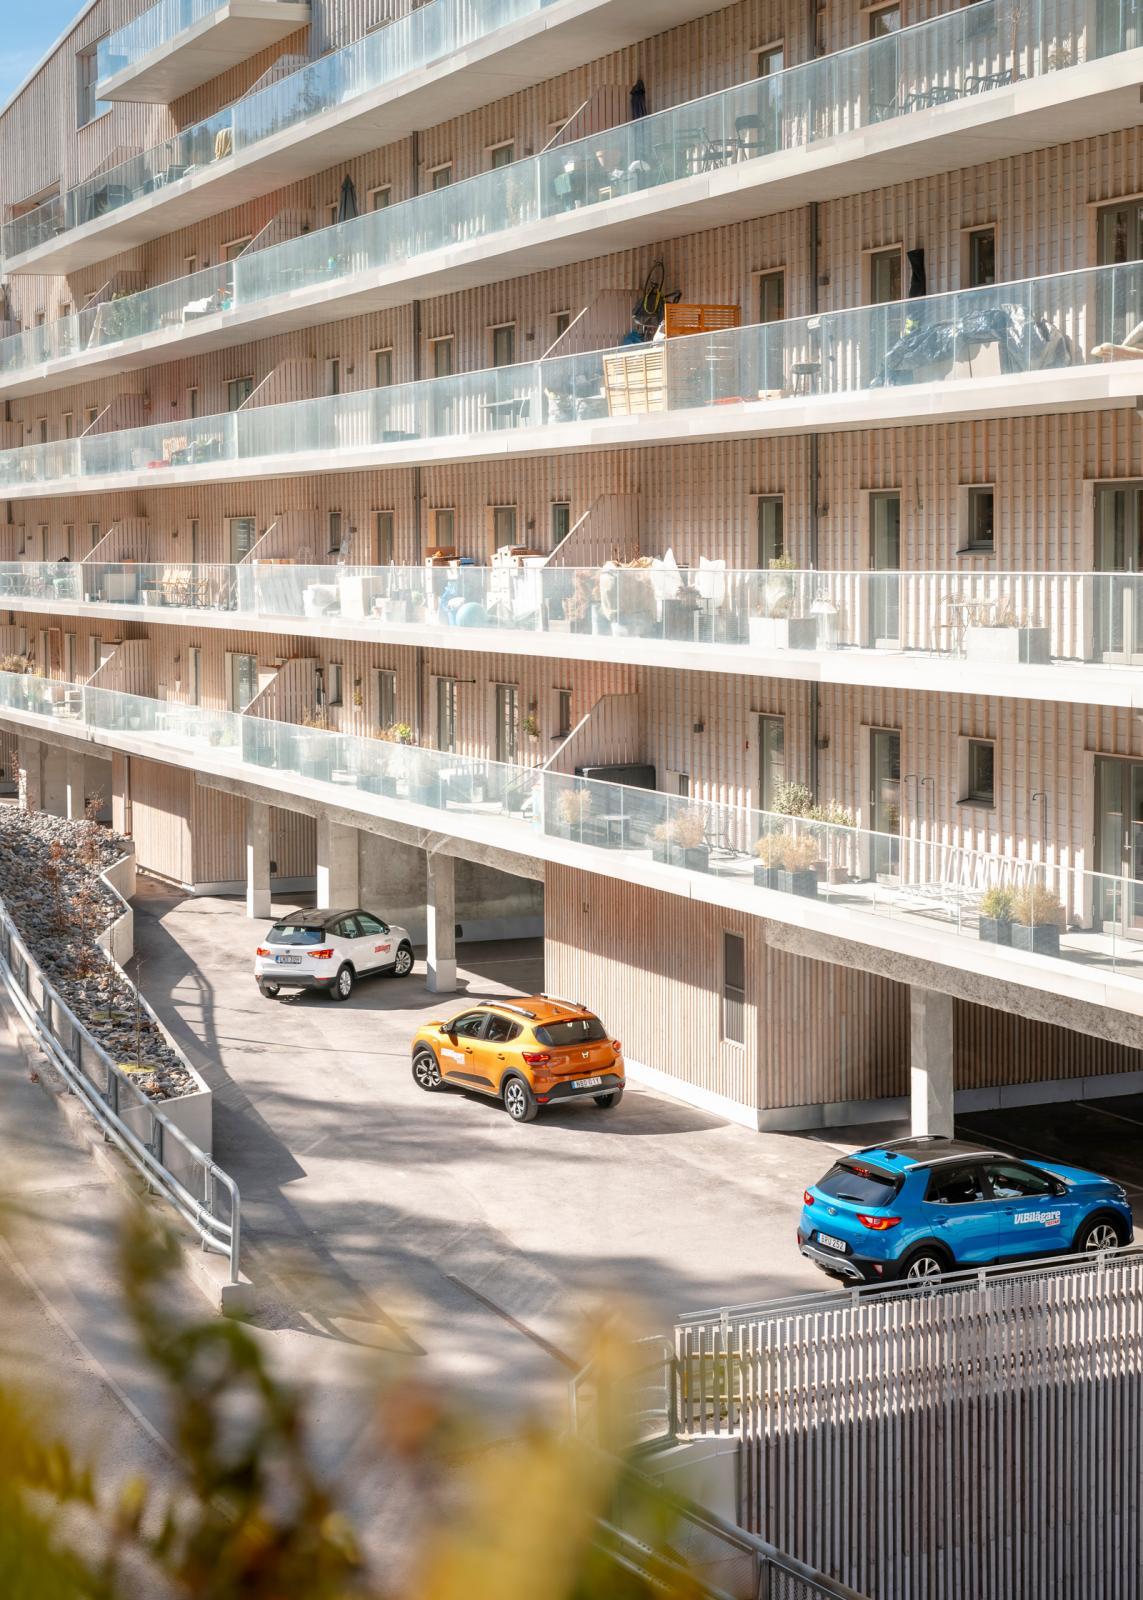 """Marinstaden i Nacka består av """"Sjöhuset"""" (50 lägenheter) samt tolv flytande villor av olika storlek. Priset för en """"liten"""" (99 kvm) fyra är cirka nio miljoner kronor, eller om man så vill 63 stycken Dacia Sandero. En 156 kvadratmeter flytande villa kostar motsvarande cirka 64 Kia Stonic."""